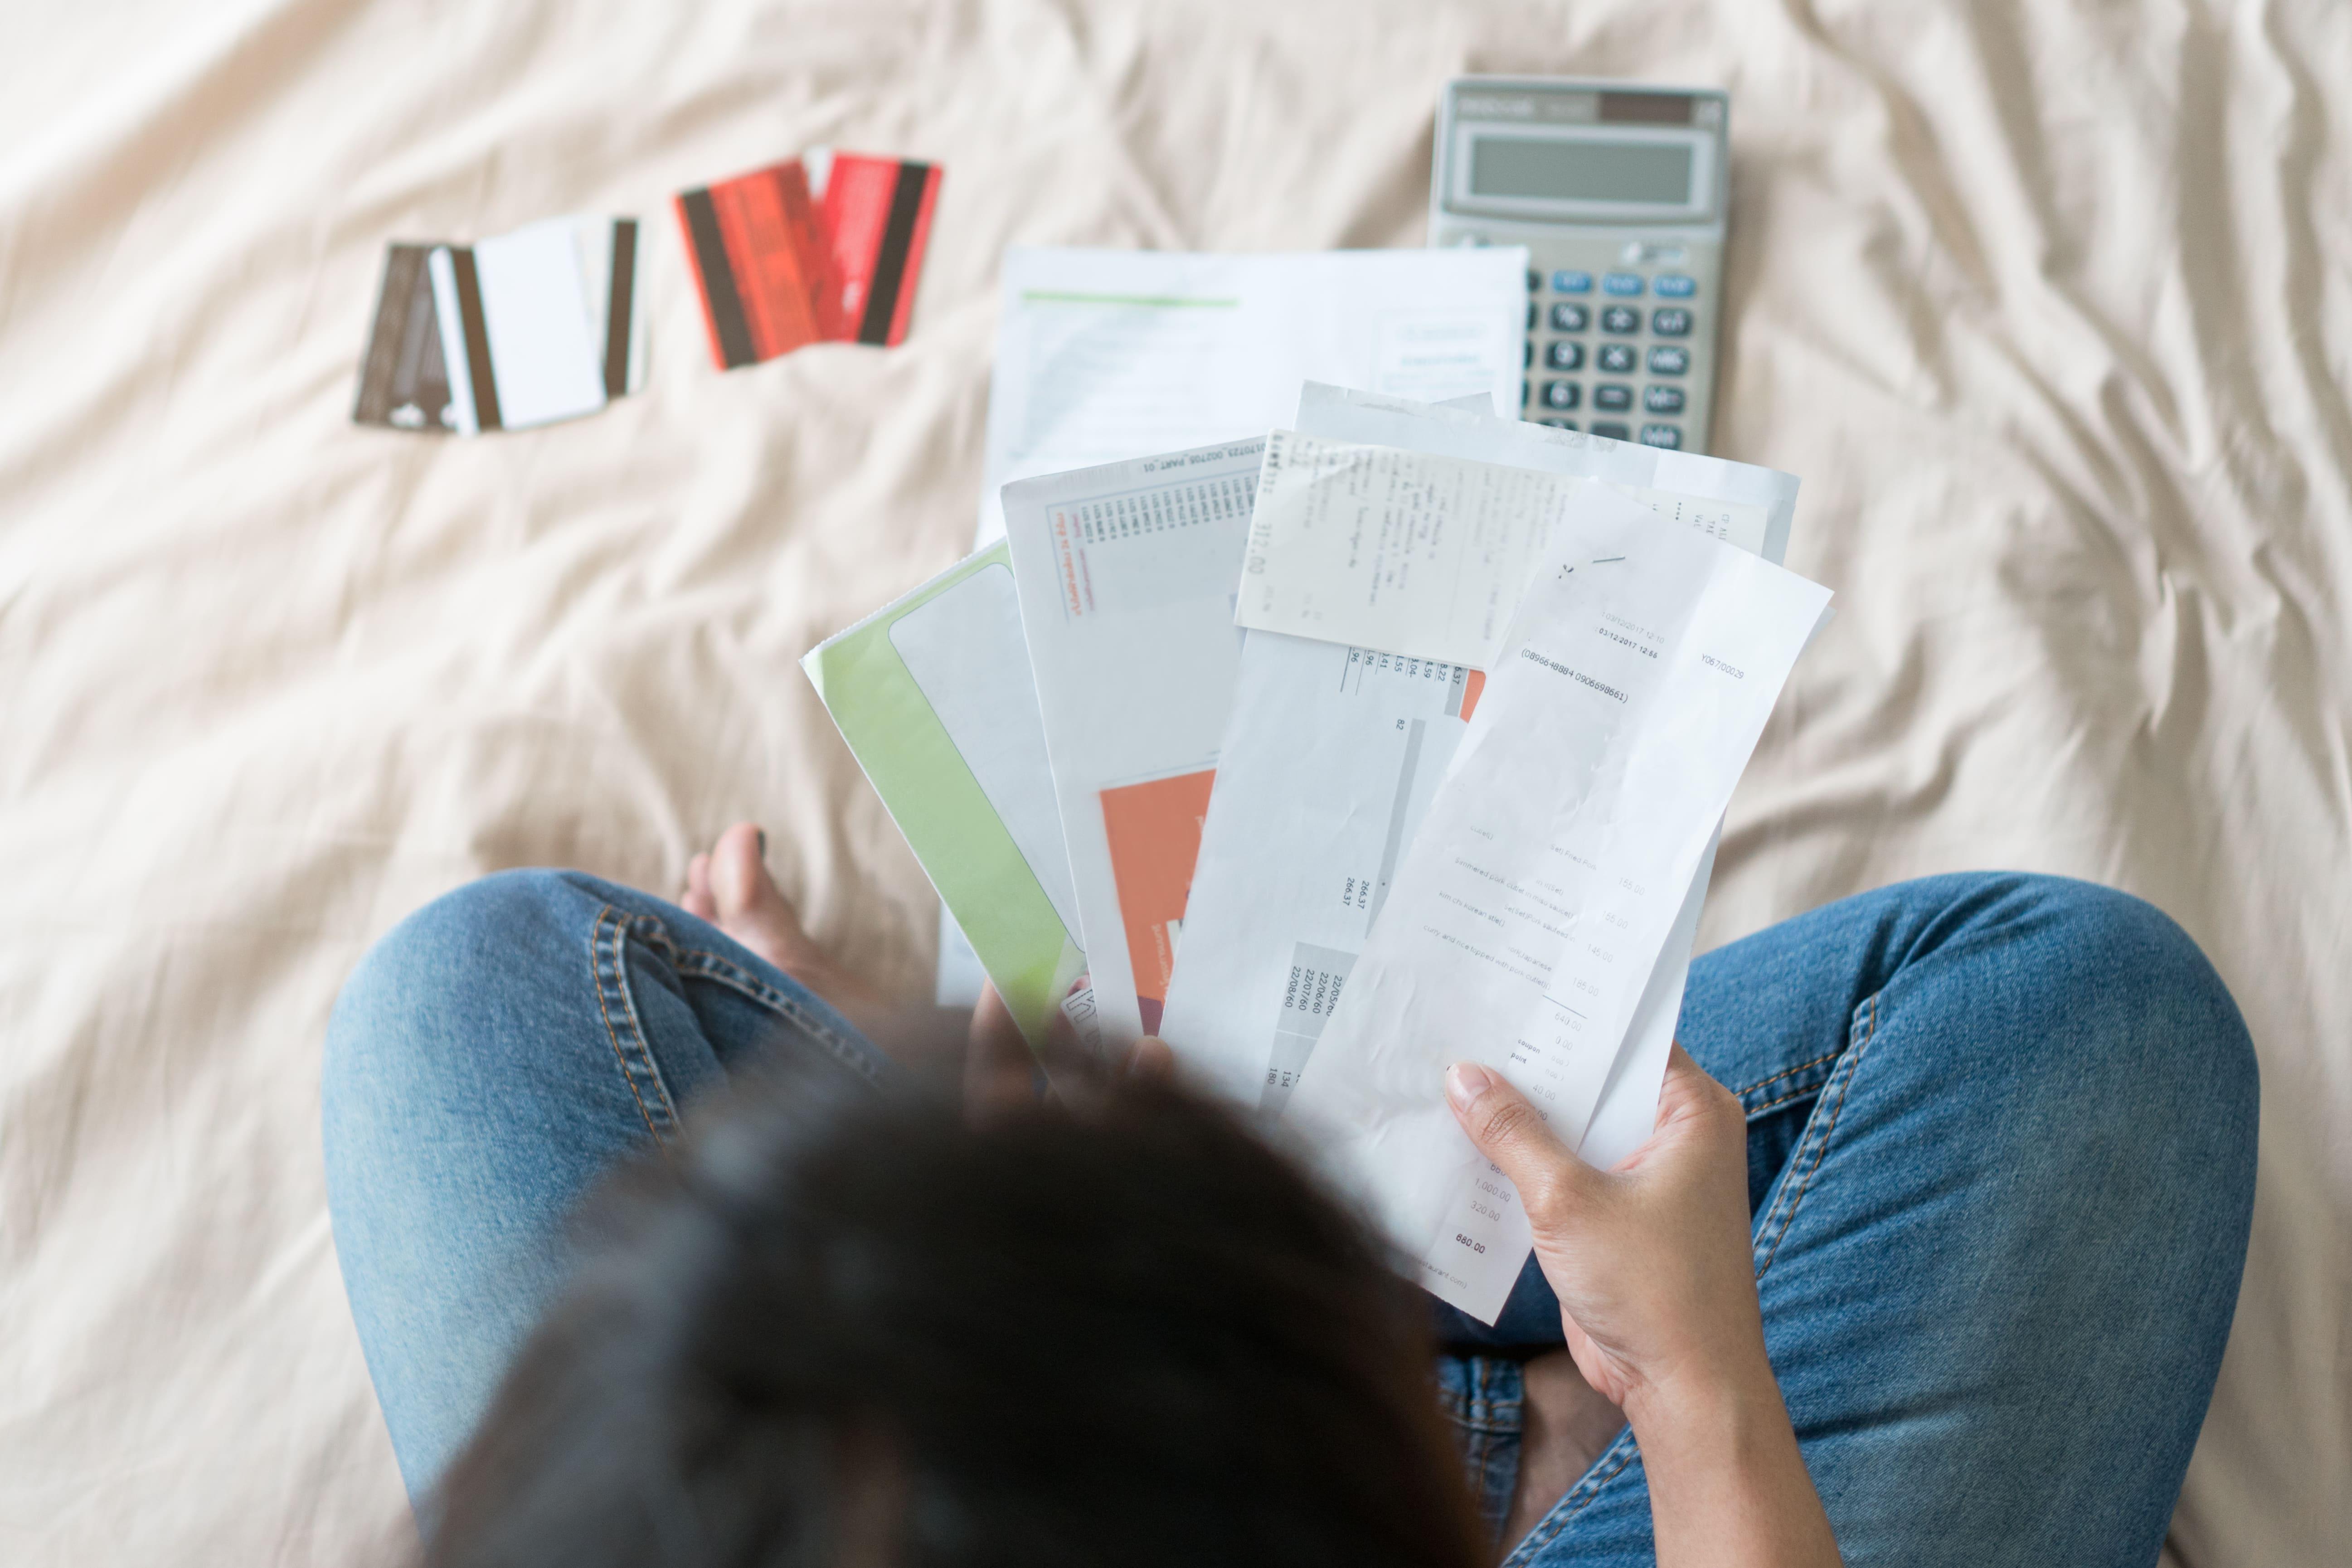 Imagem de uma mulher com todas as suas contas pendentes remetendo ao cancelamento ao programa PERT por falta de pagamento